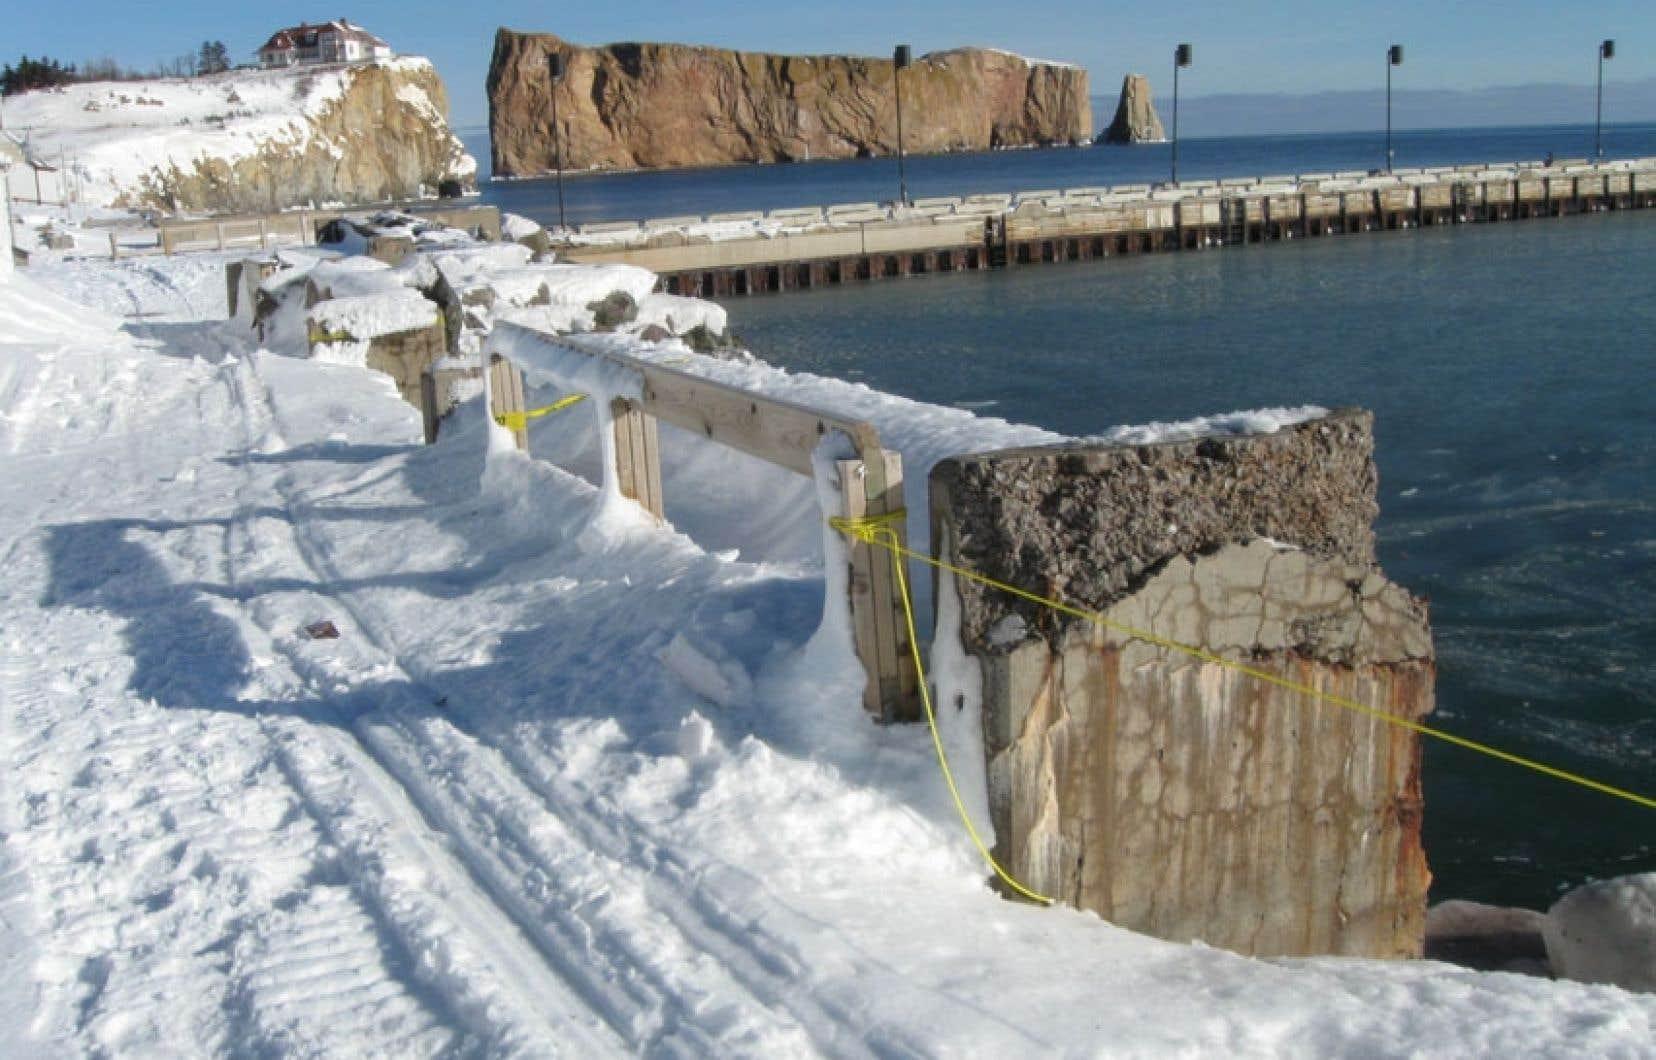 Chaque tempête qui frappe les côtes gaspésiennes cause des dommages à la promenade de Percé, qu'on voit ici après la chute de neige du 27 décembre dernier.